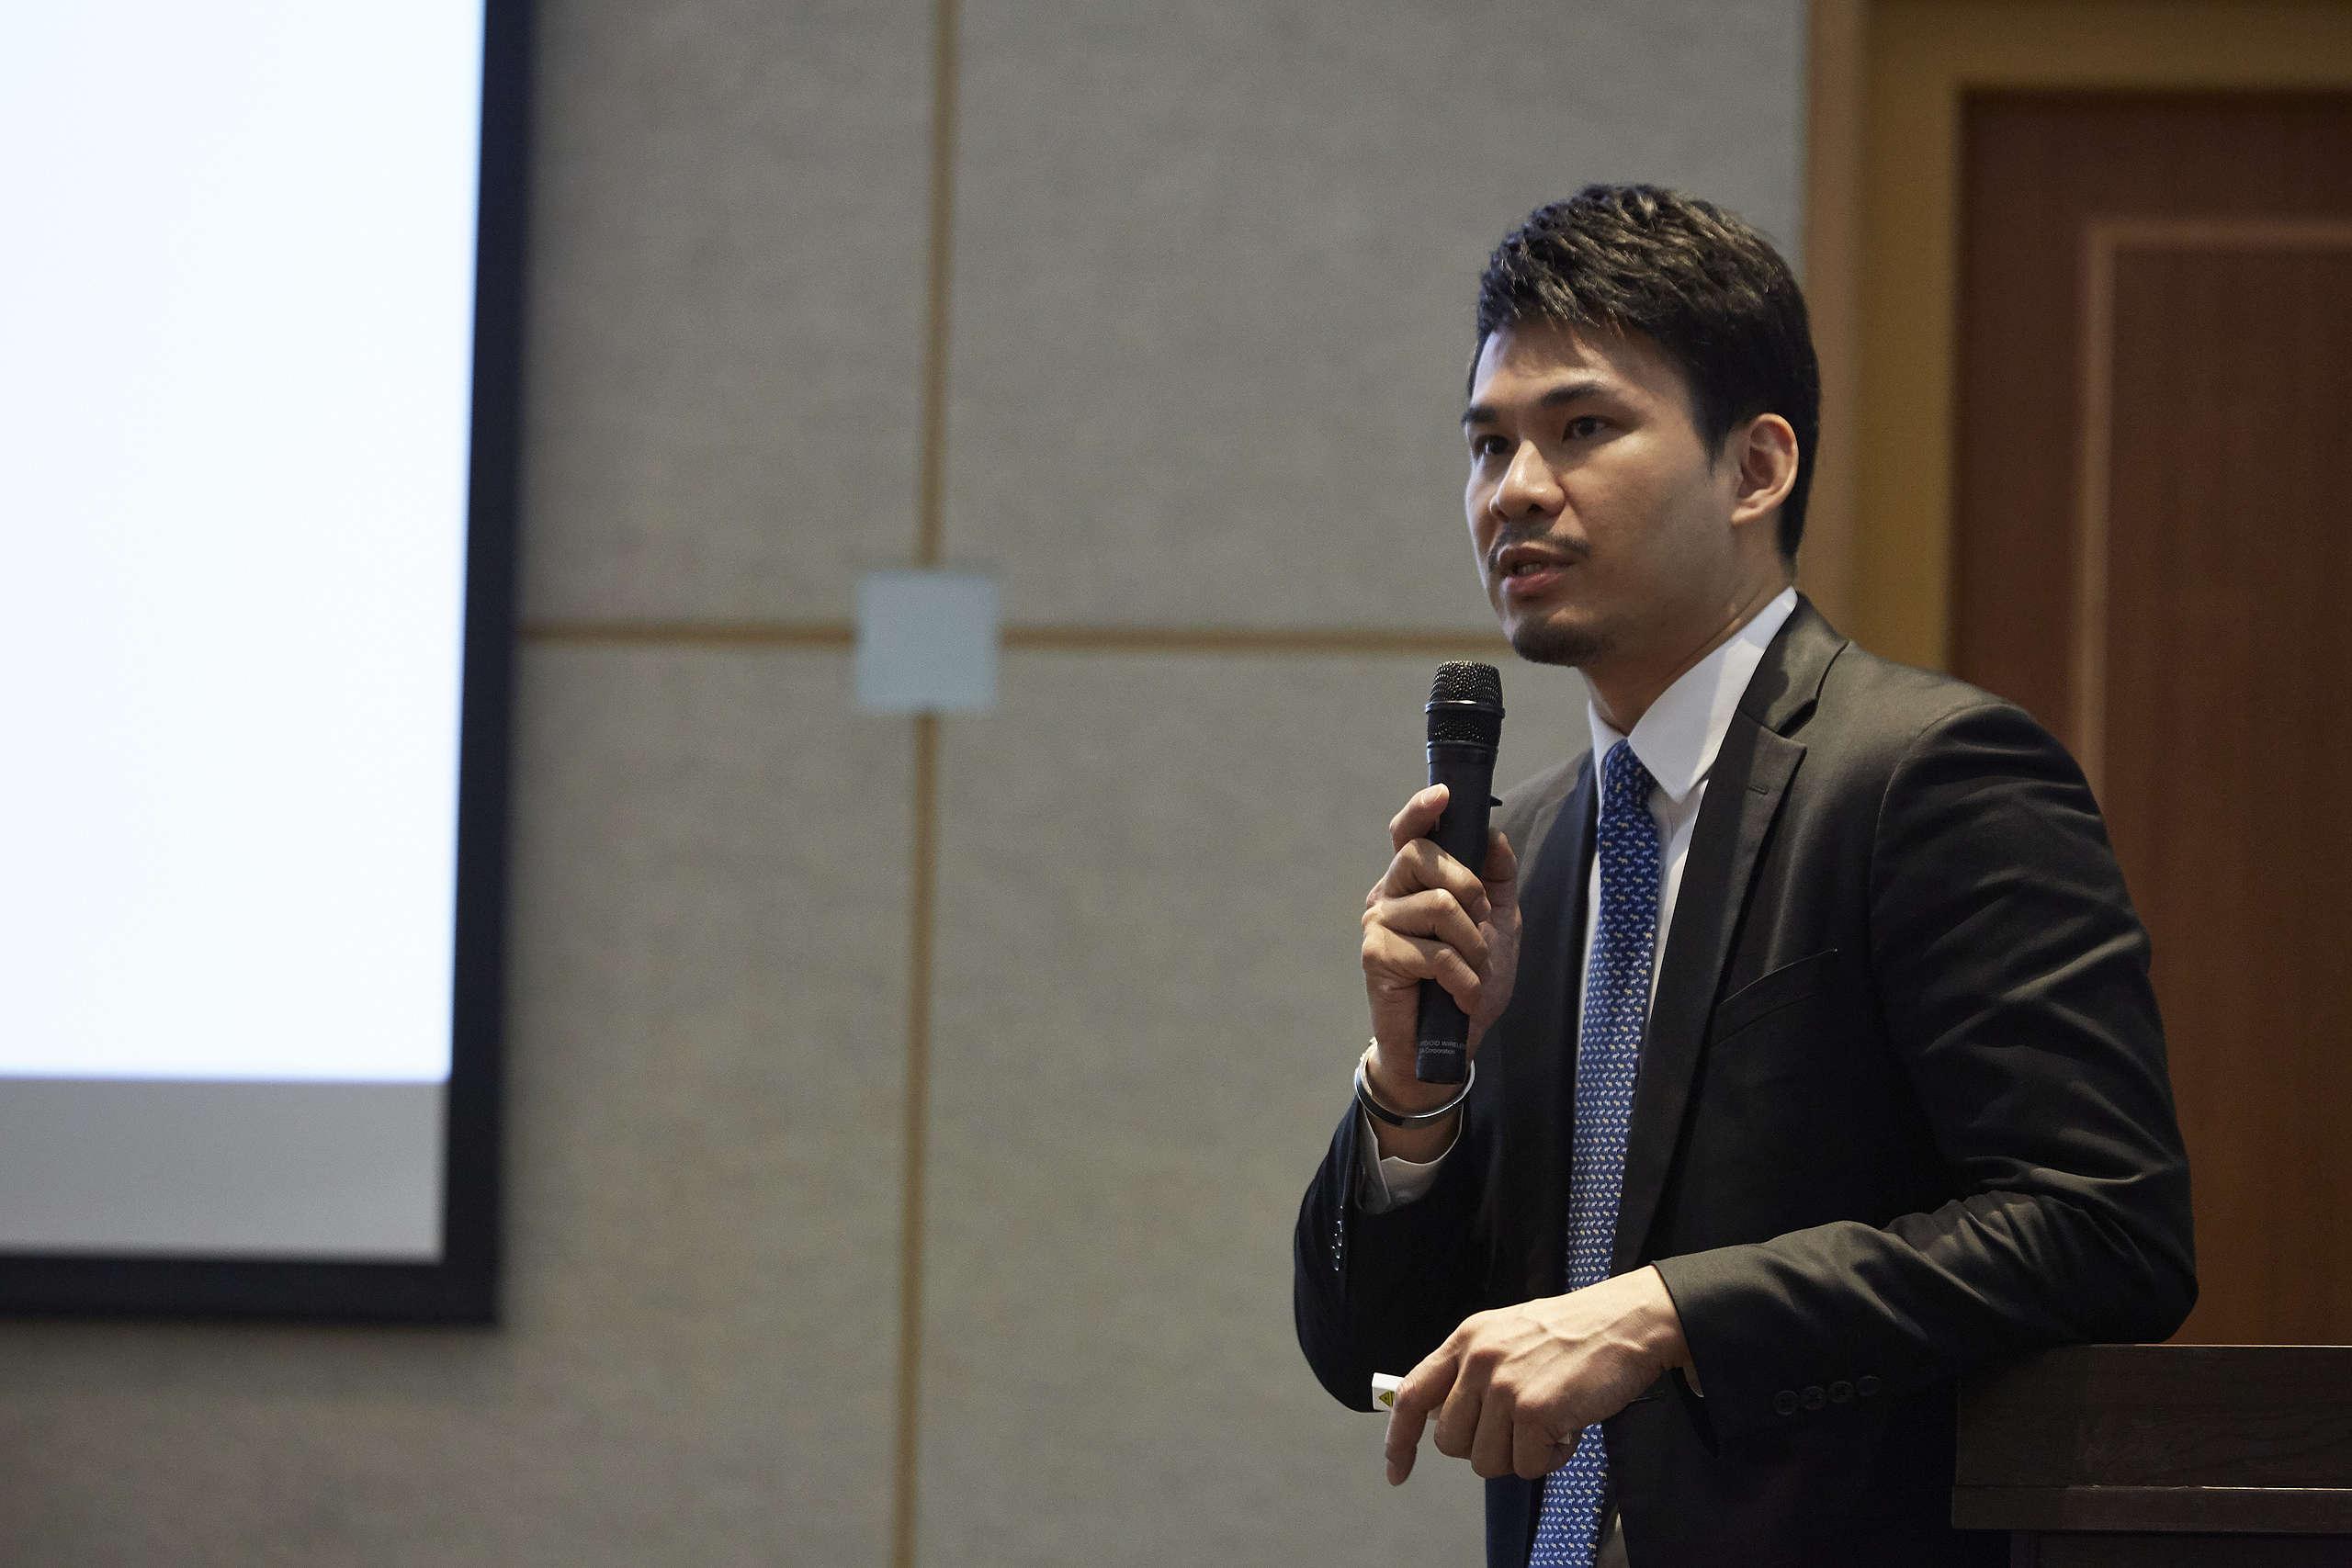 安侯永續發展顧問公司副總經理林泉興,建議將永續發展的概念應用在零售通路產業上。